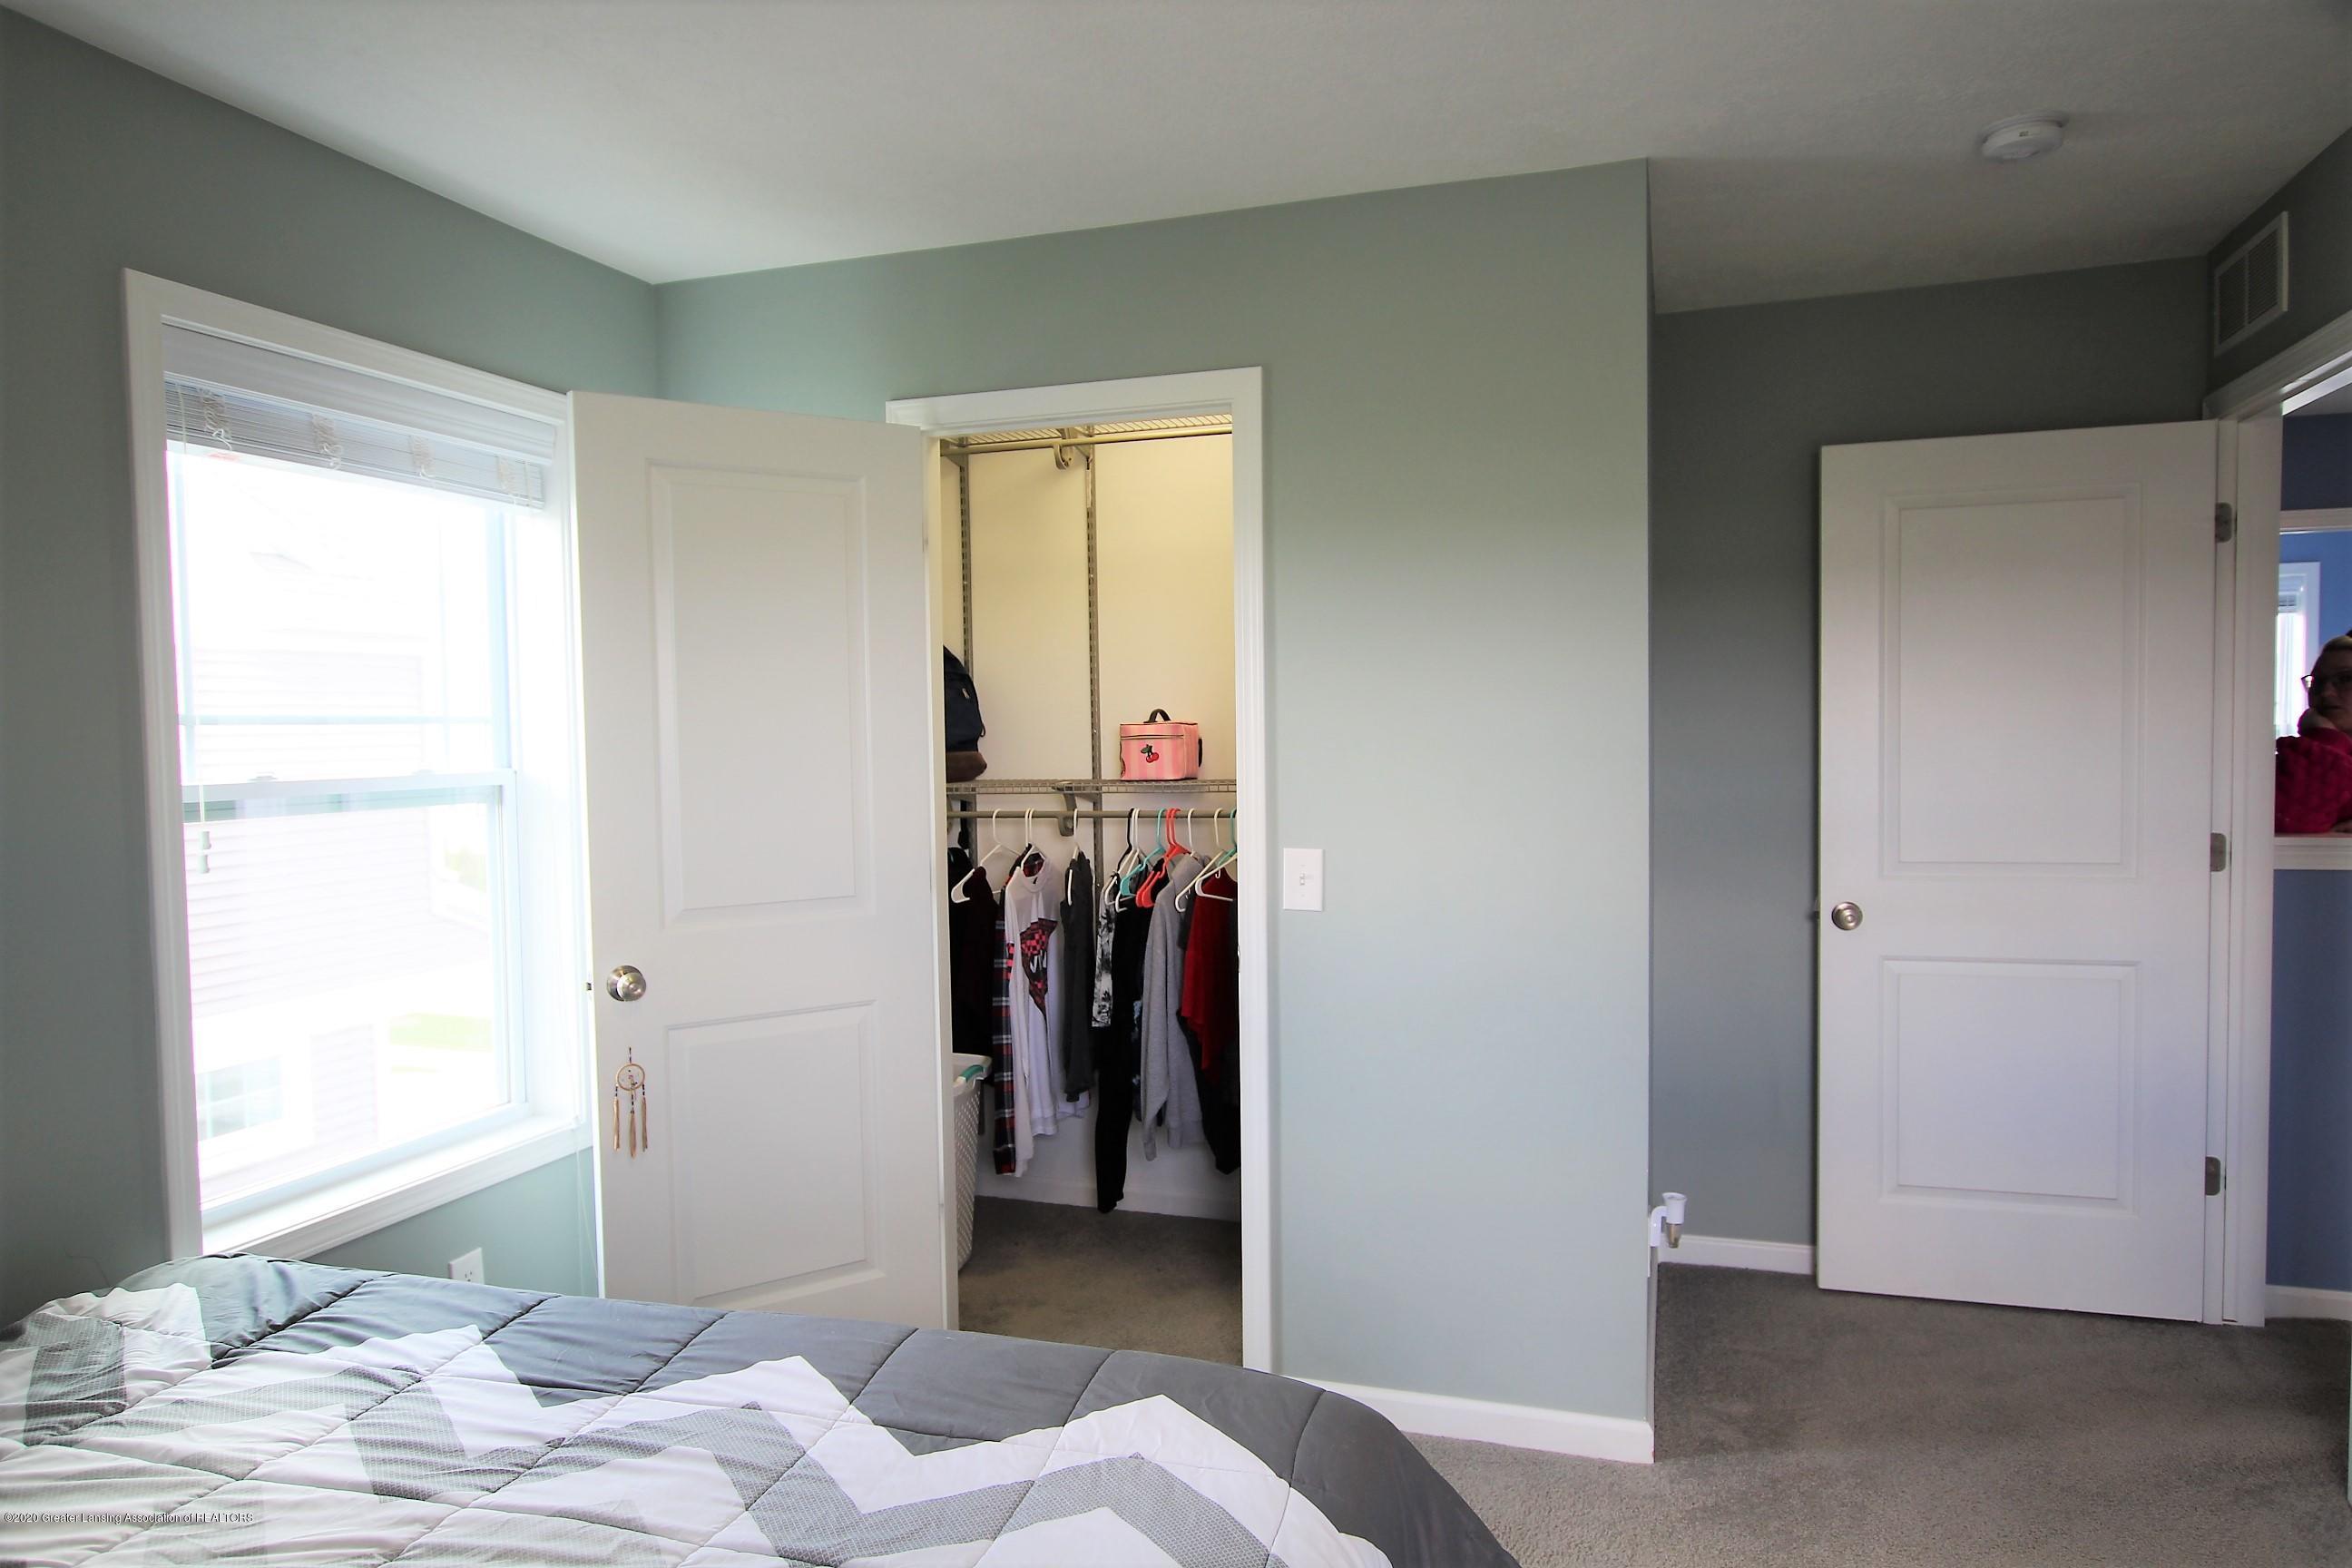 2818 Kittansett Dr - 2nd Bedroom - 41